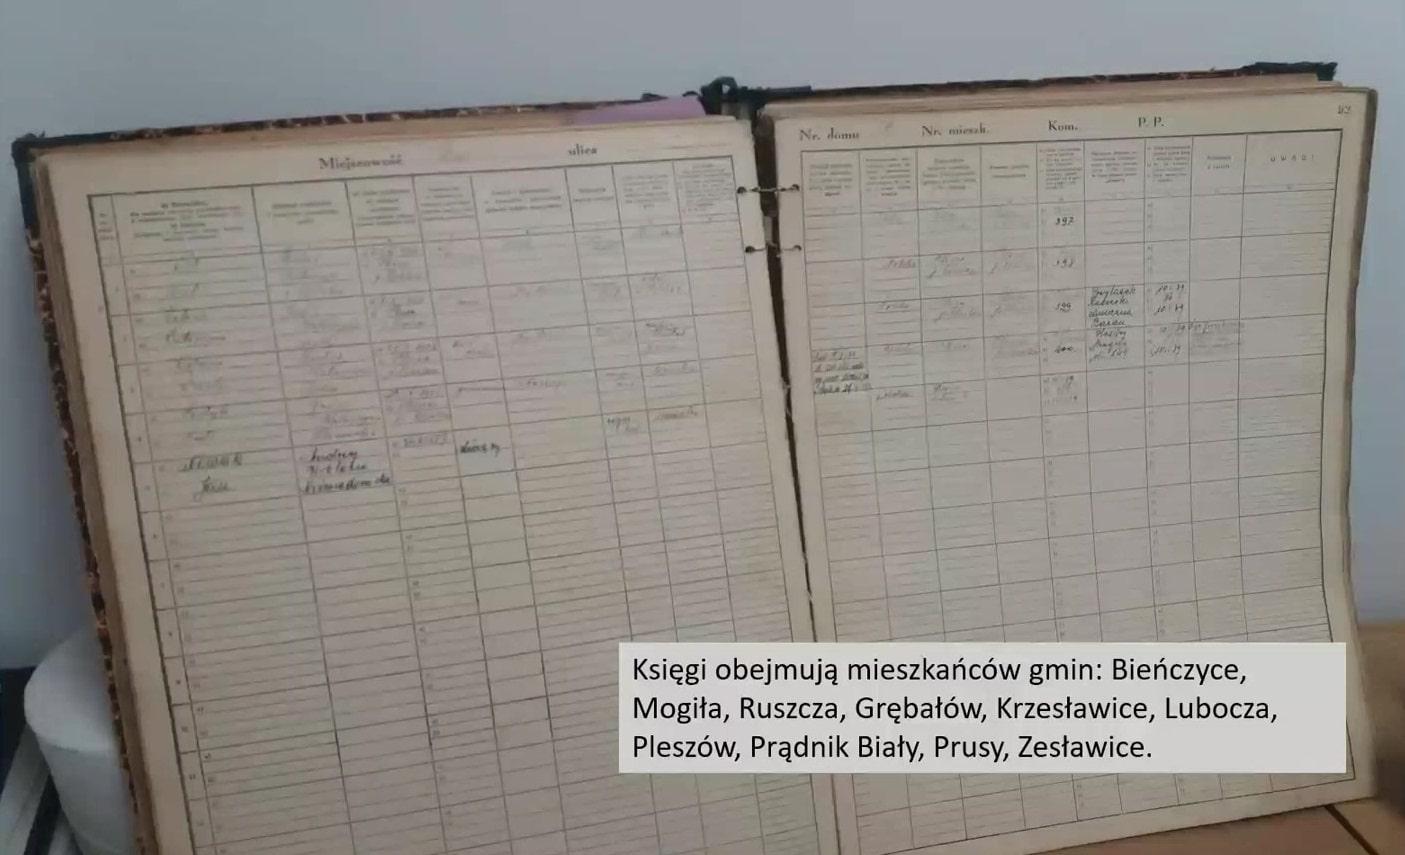 W Archiwum Urzędu Miasta Krakowa znajdowały się także m.in. księgi rejestrów mieszkańców gminy z powiatu krakowskiego, np. Bieńczyc, Mogiły, Ruszczy.